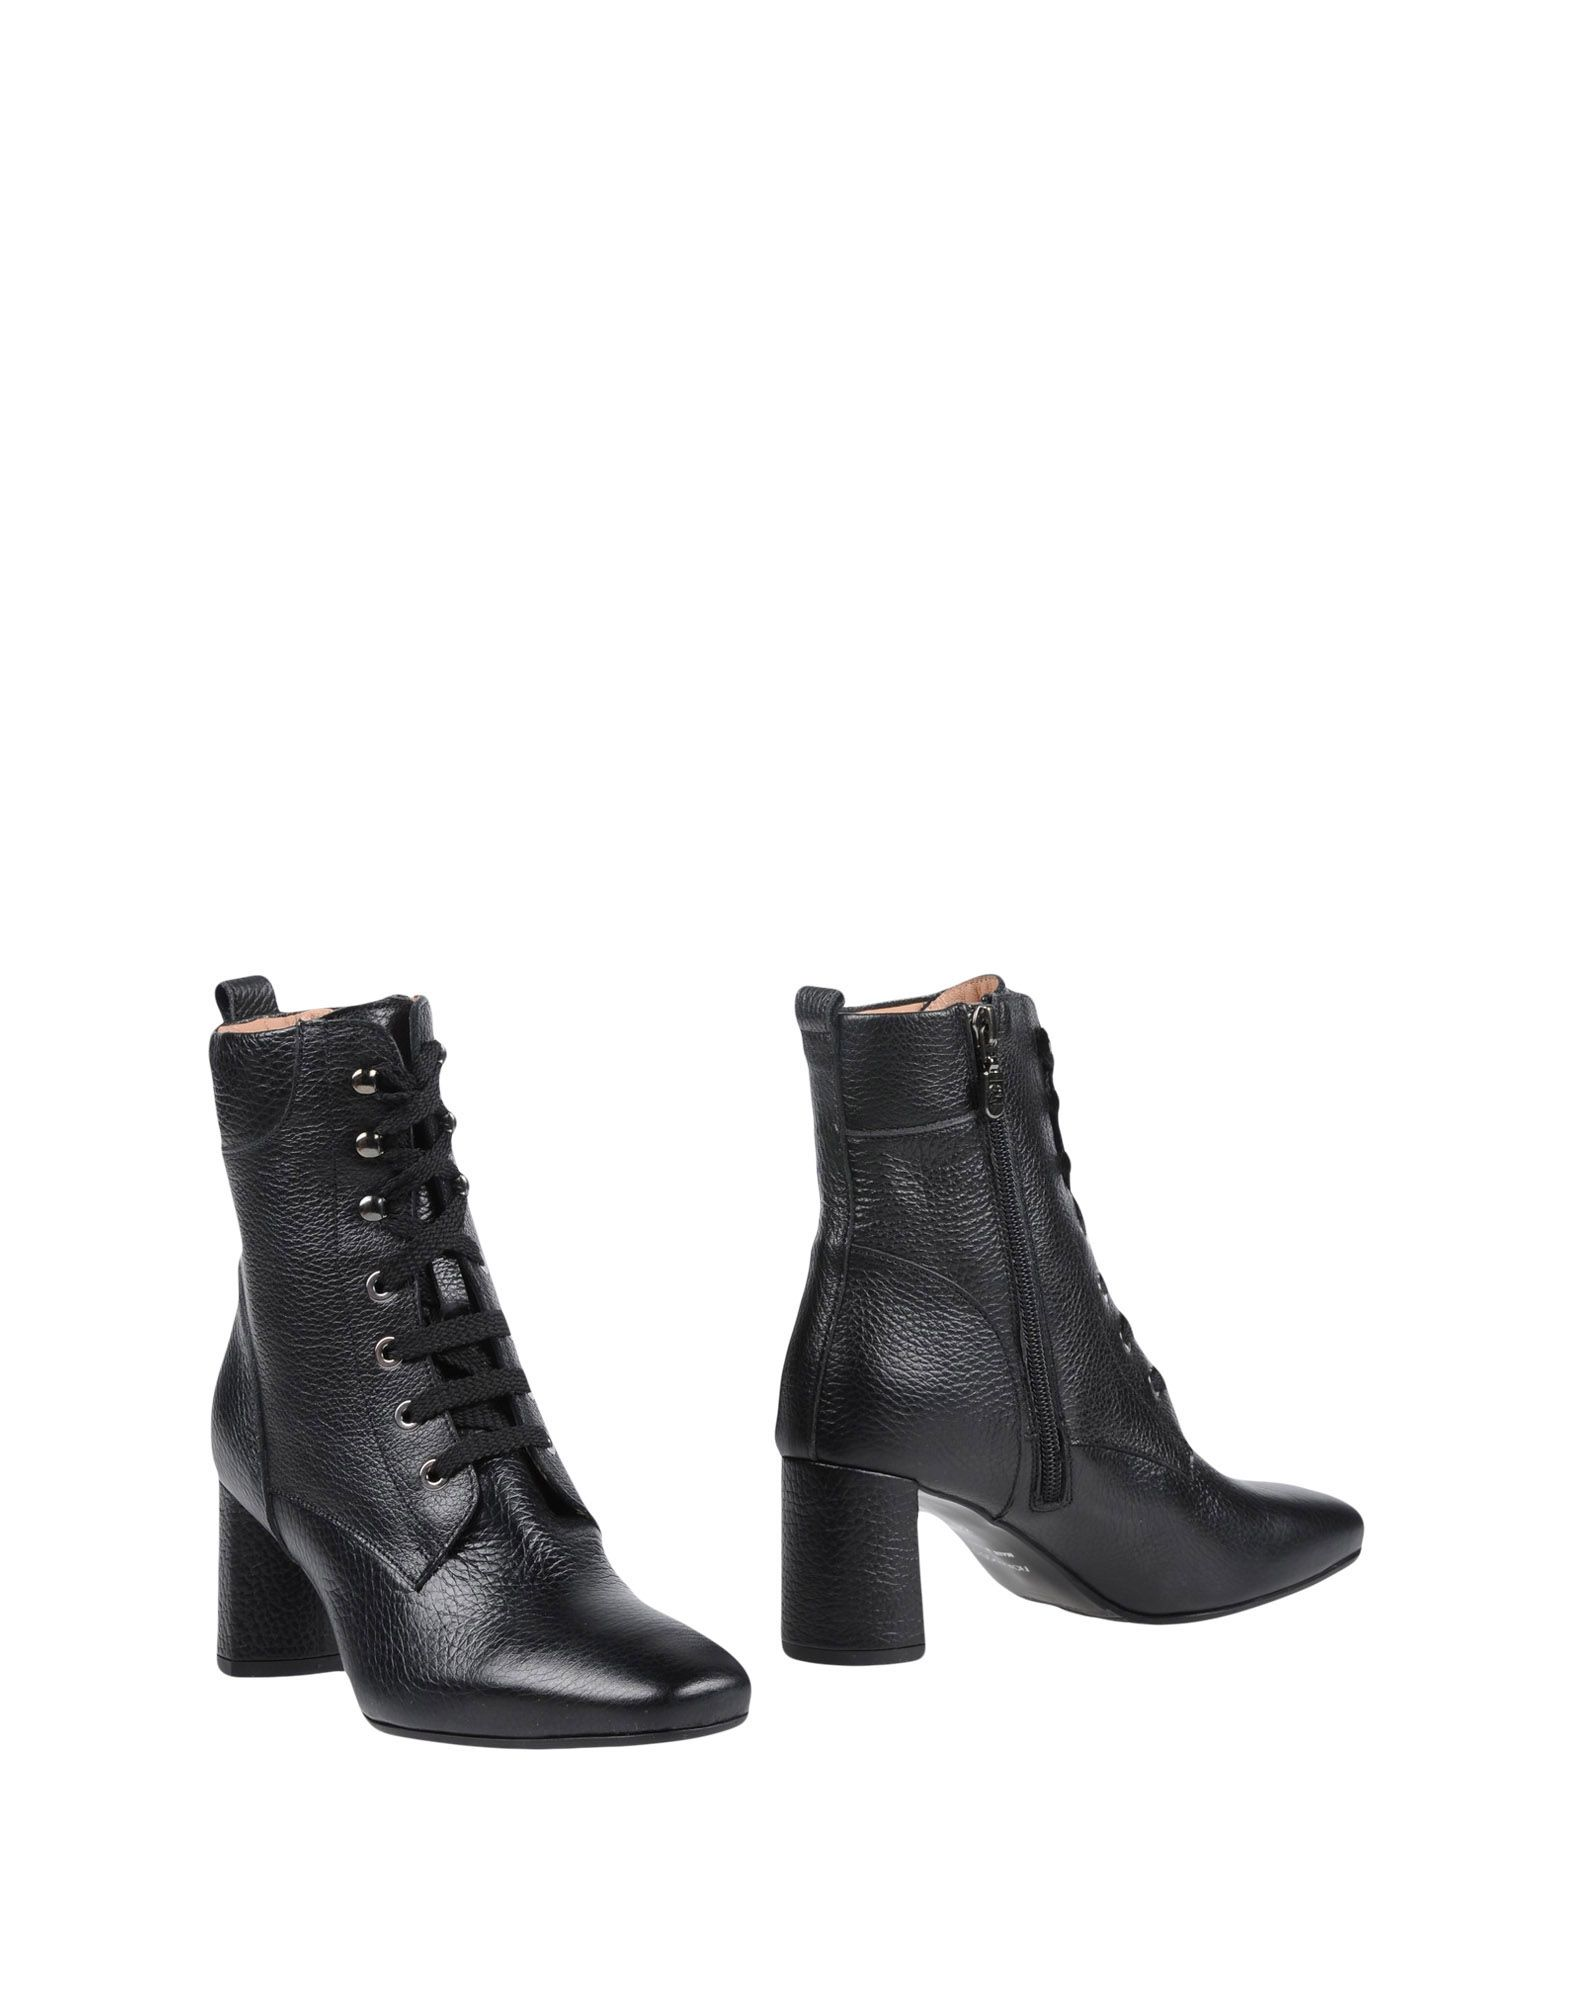 FIORANGELO Полусапоги и высокие ботинки fiorangelo g16020275856